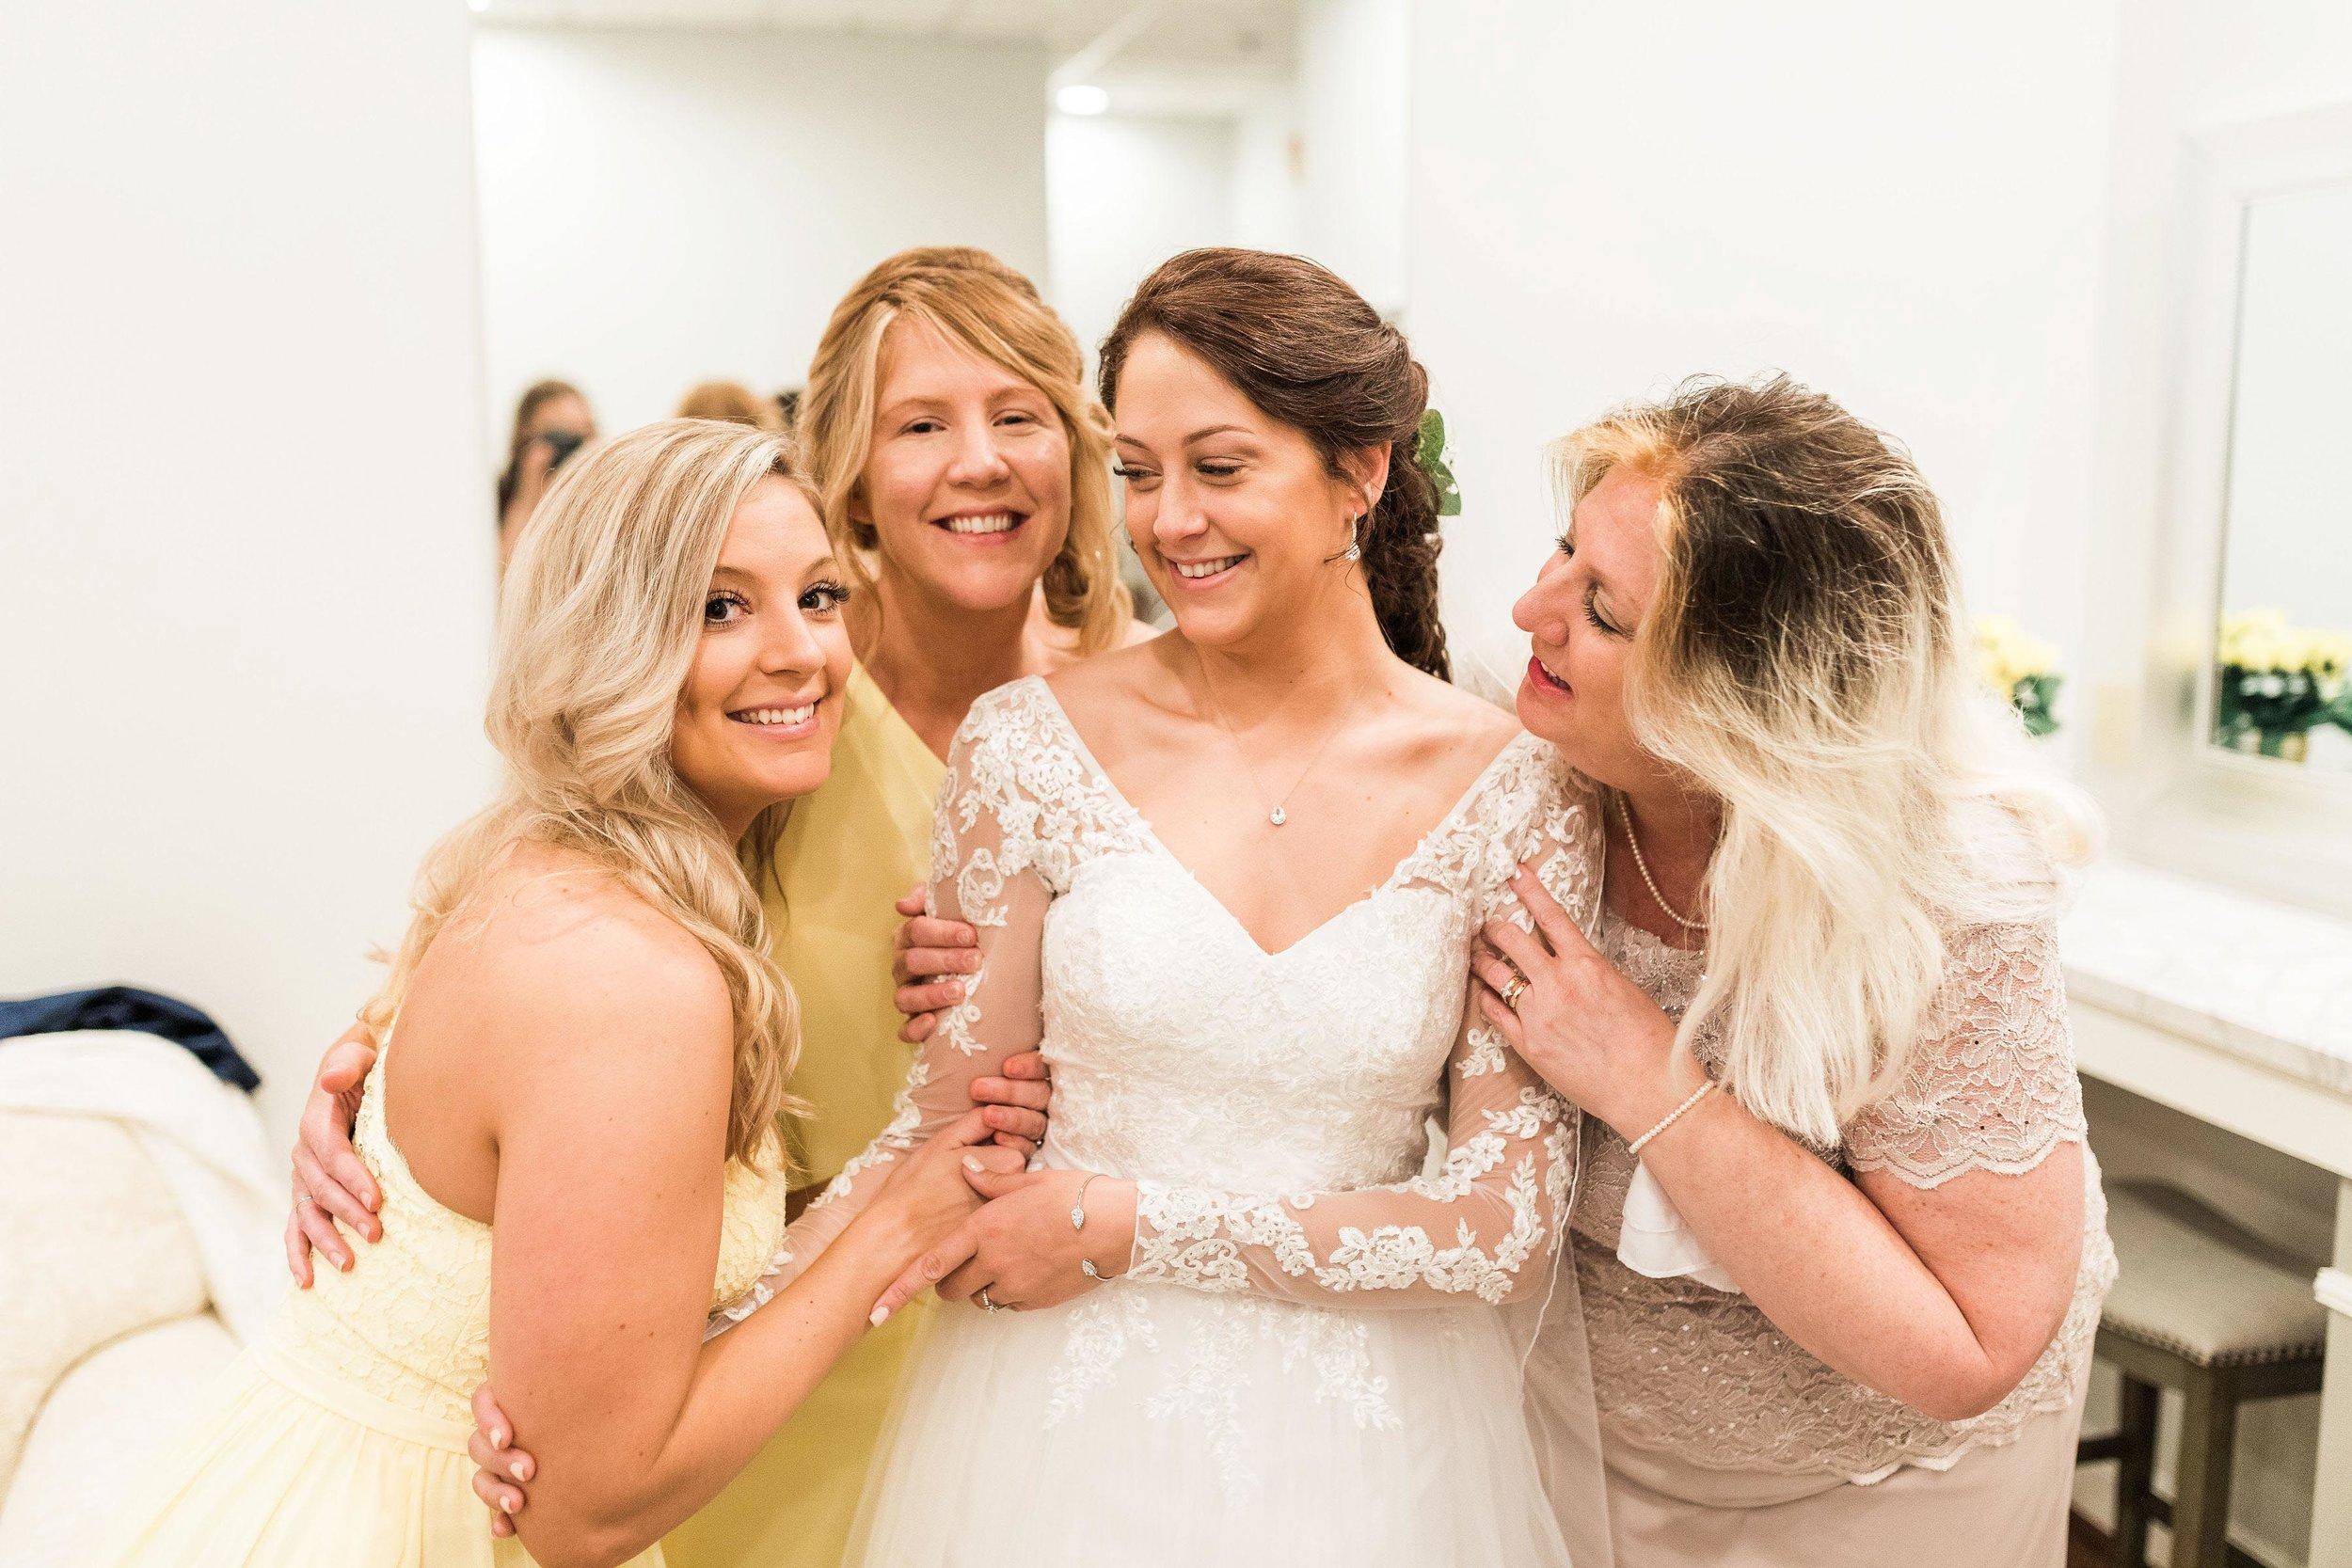 dayton ohio engagement and wedding photographers-6.jpg